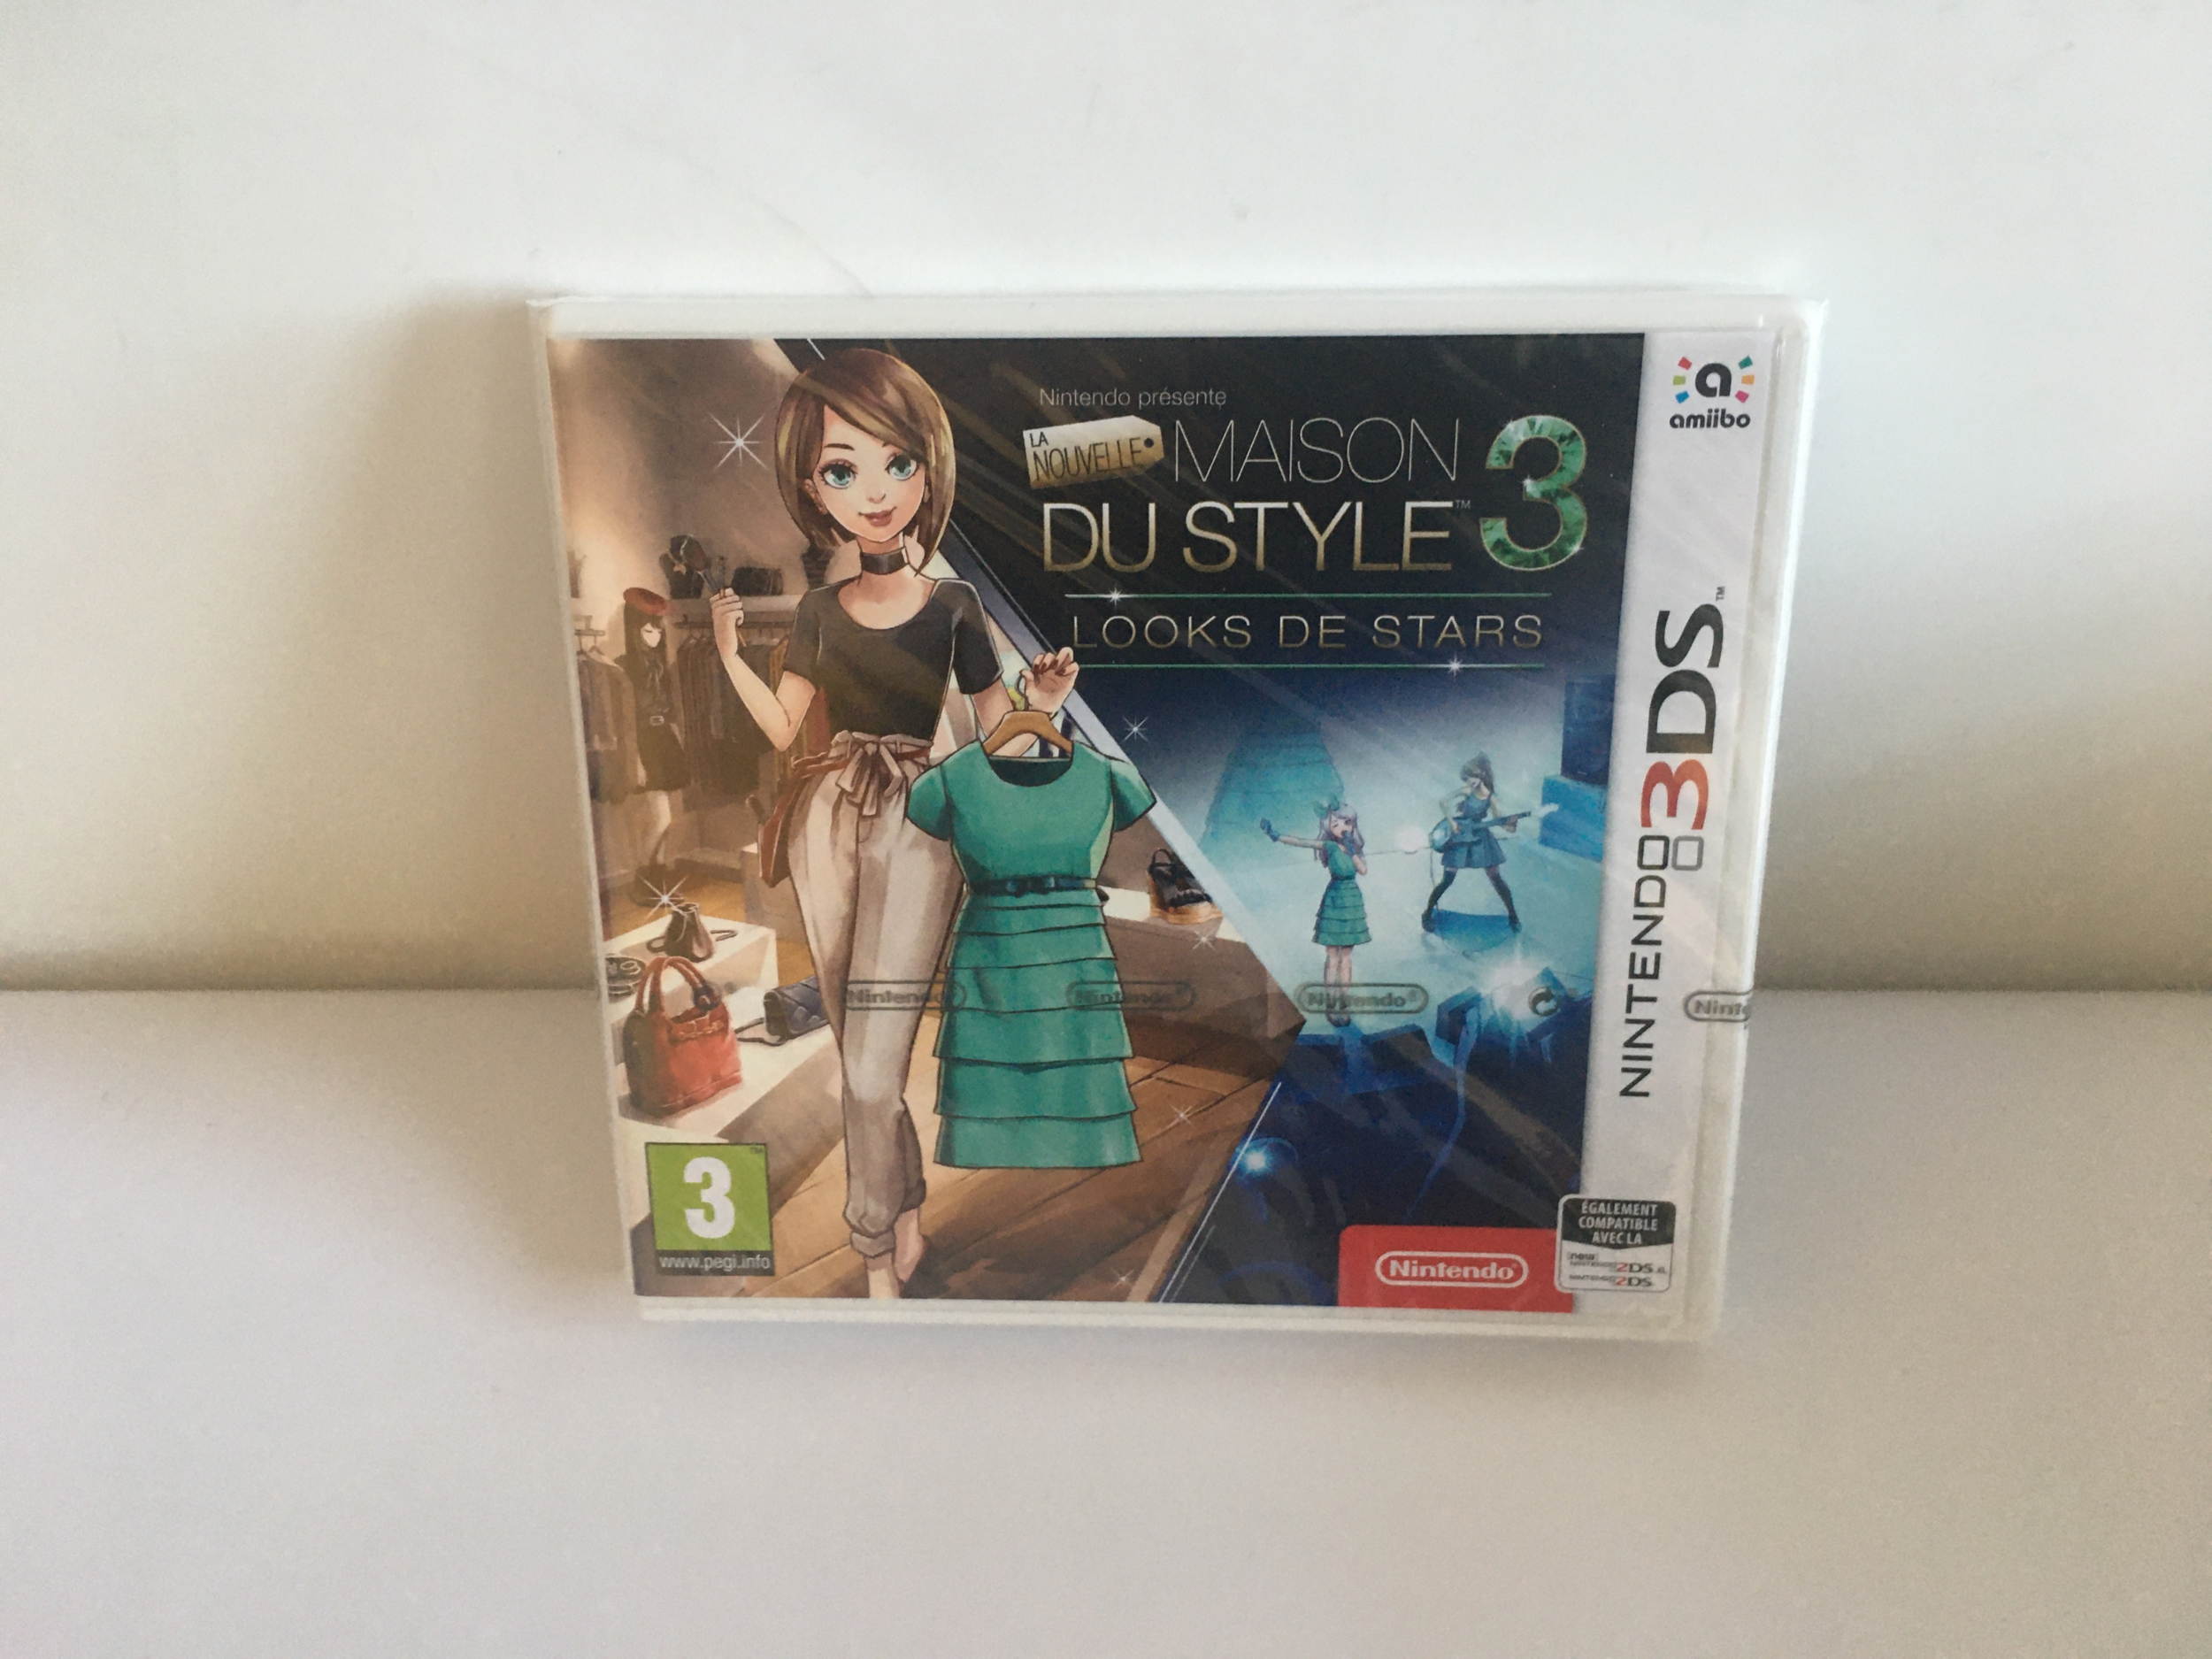 La nouvelle Maison du style 3 Looks de stars 3DS